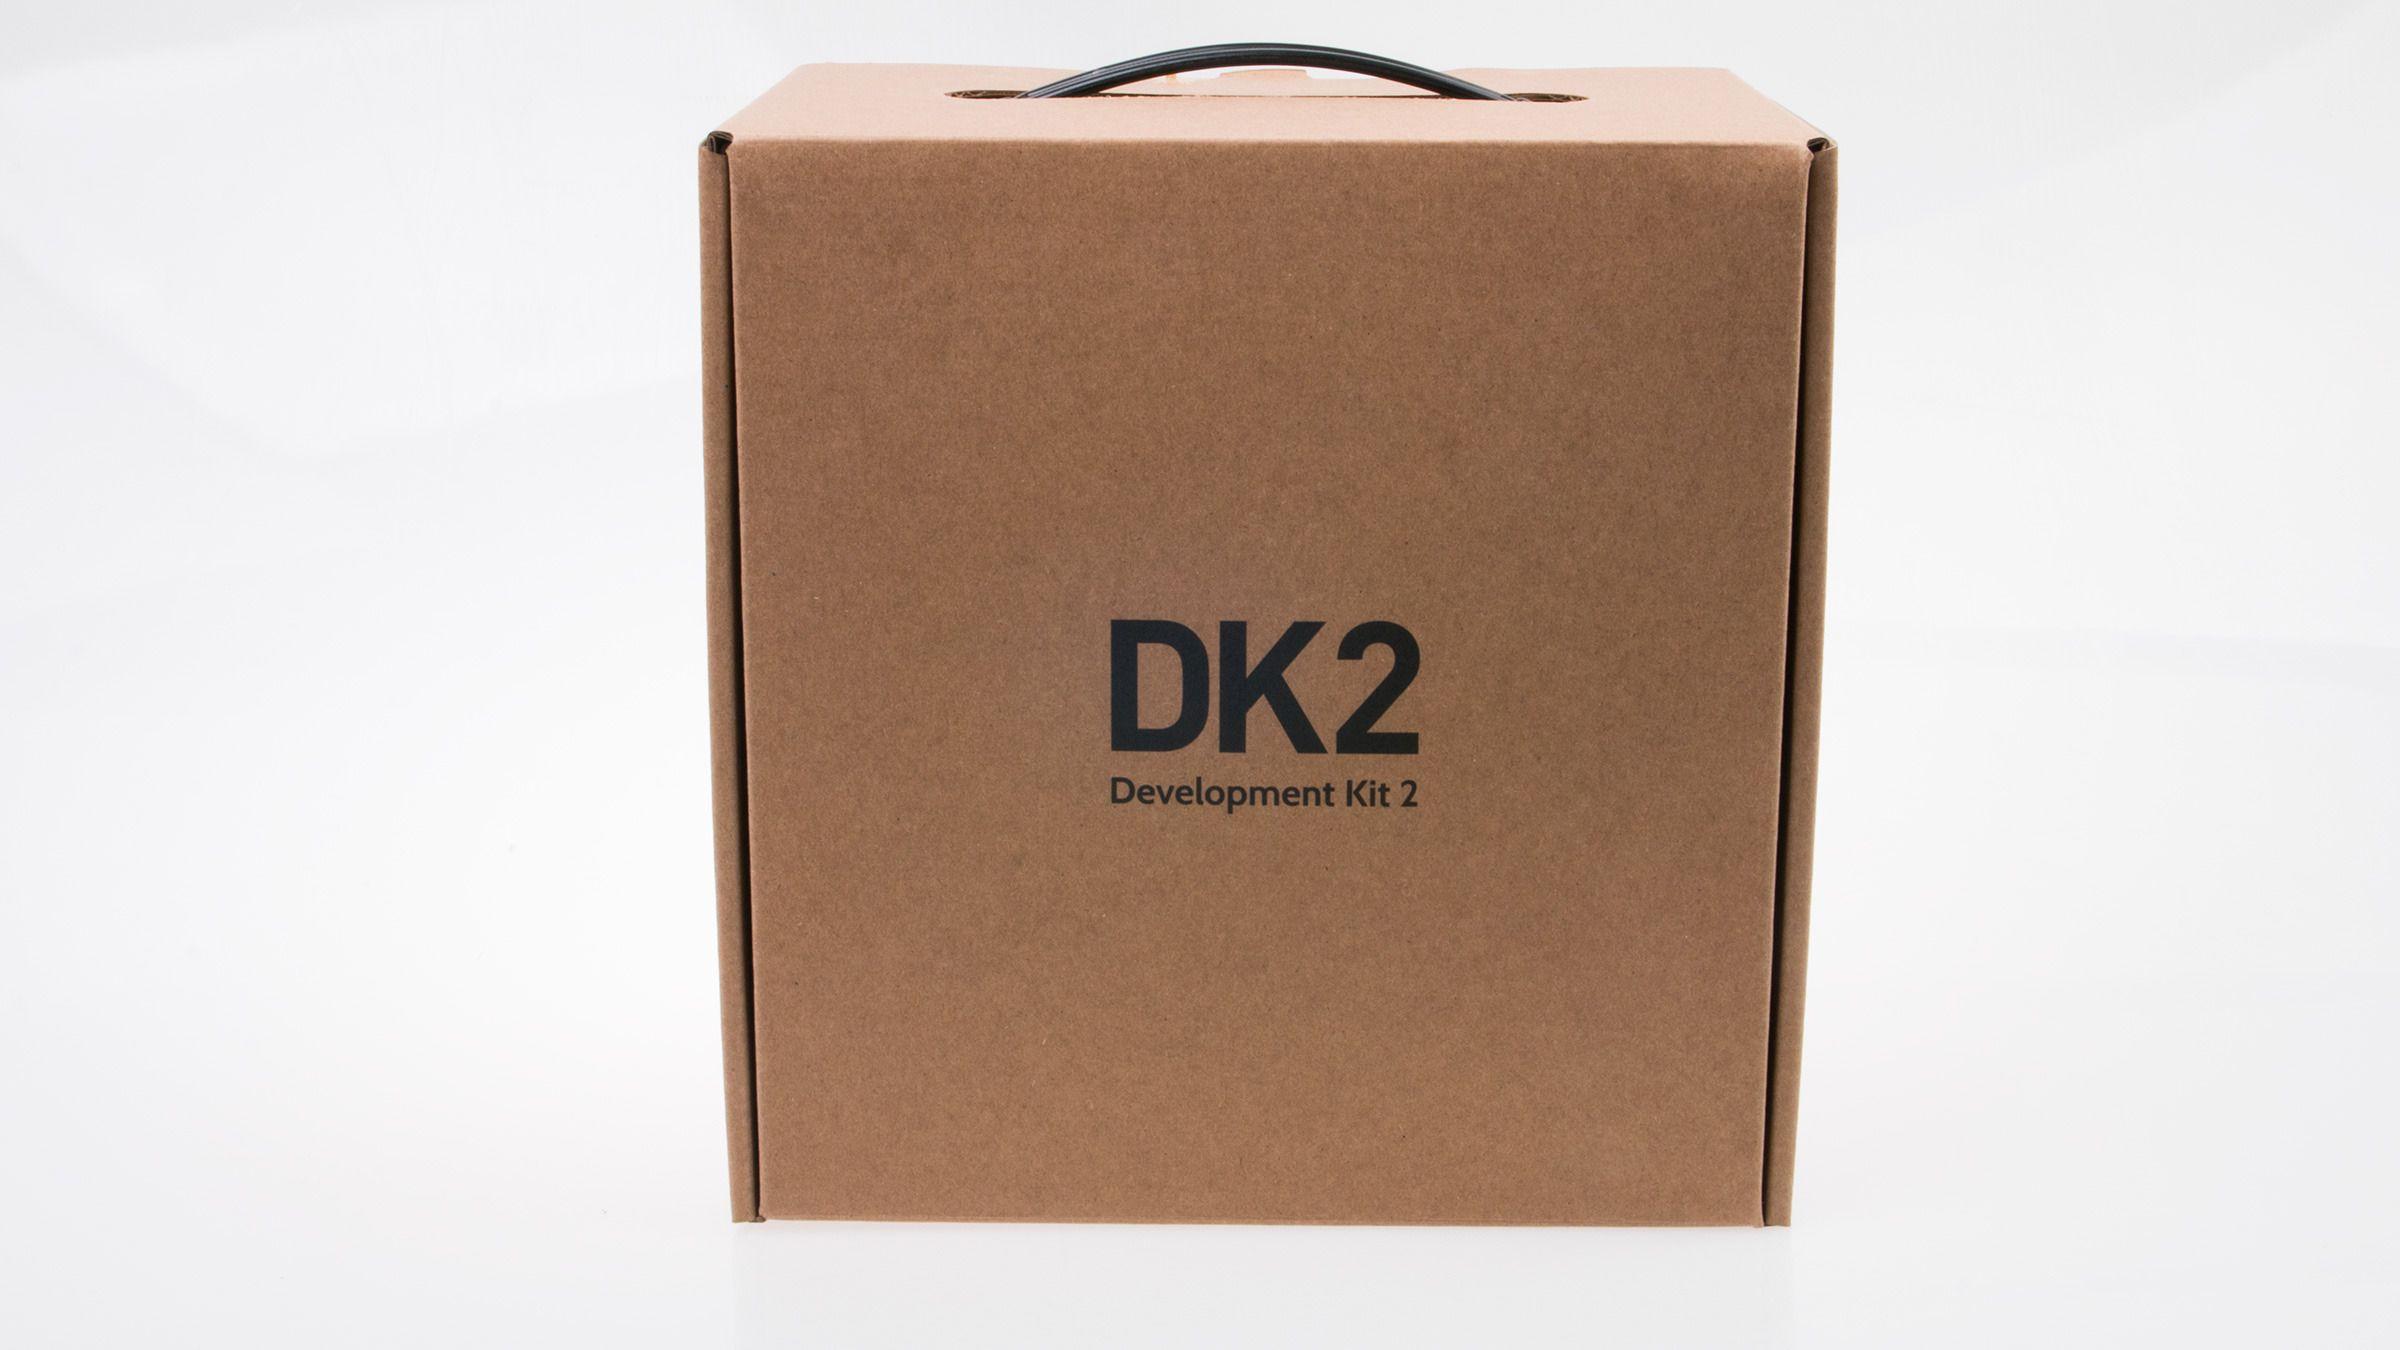 Den opprinnelige Oculus Rift Development Kit kom i en snasen, sort koffert. Oppgraderingen må bo i en pappeske-koffert i stedet, men det er jo det som er på innsiden som teller.Foto: Varg Aamo, Tek.no